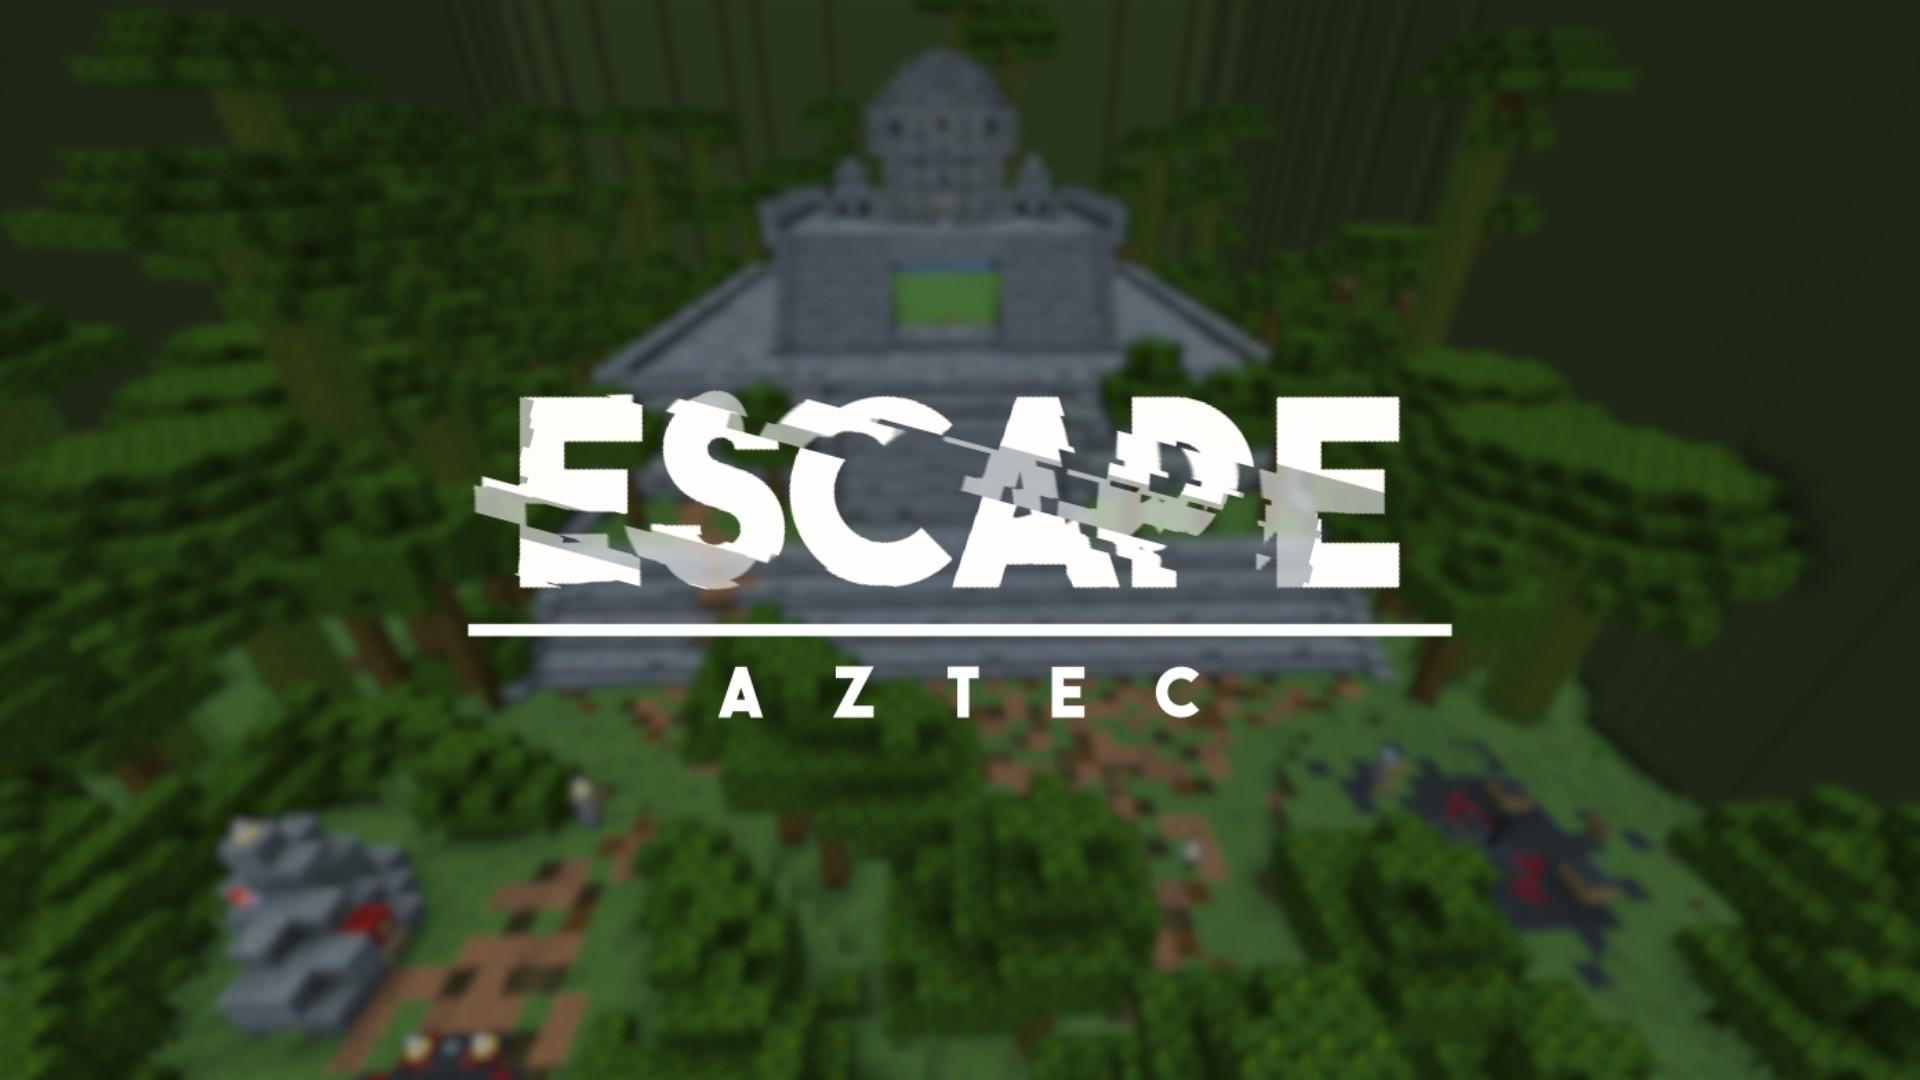 Escape: Aztec